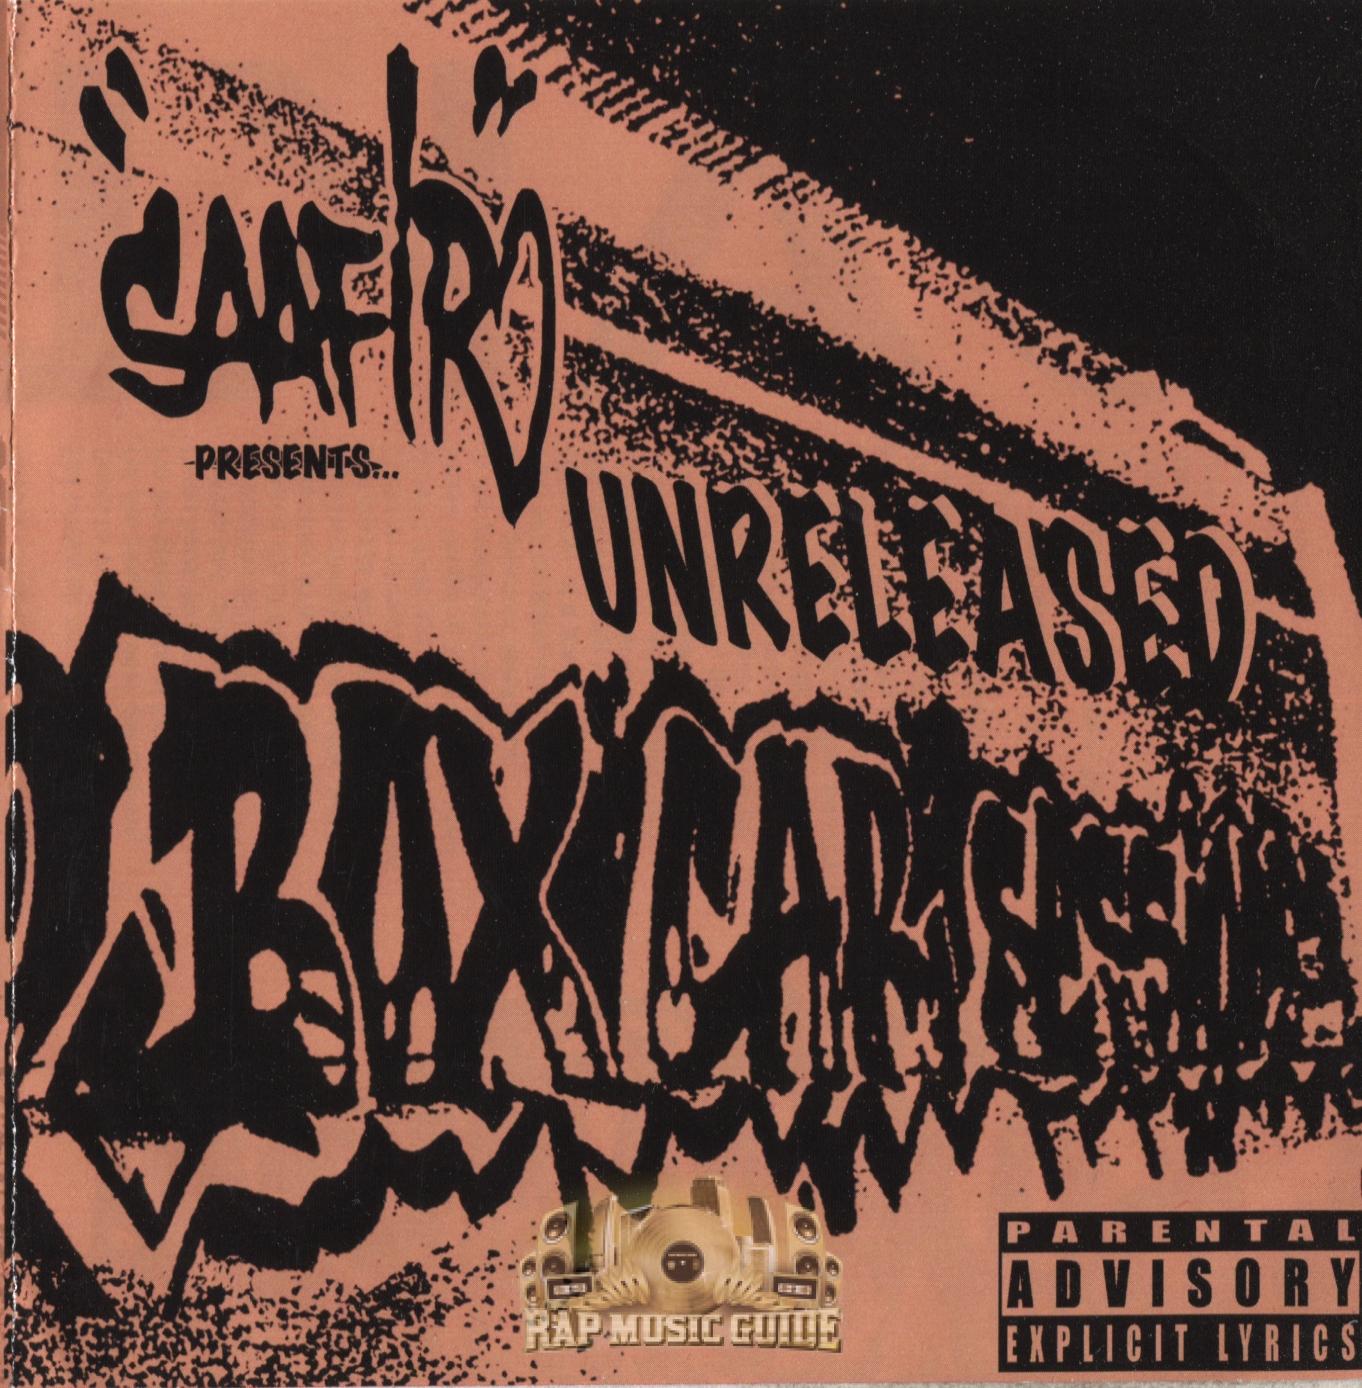 Saafir - Unreleased Boxcar Sessions: 1st Press, CD-R  CD   Rap Music